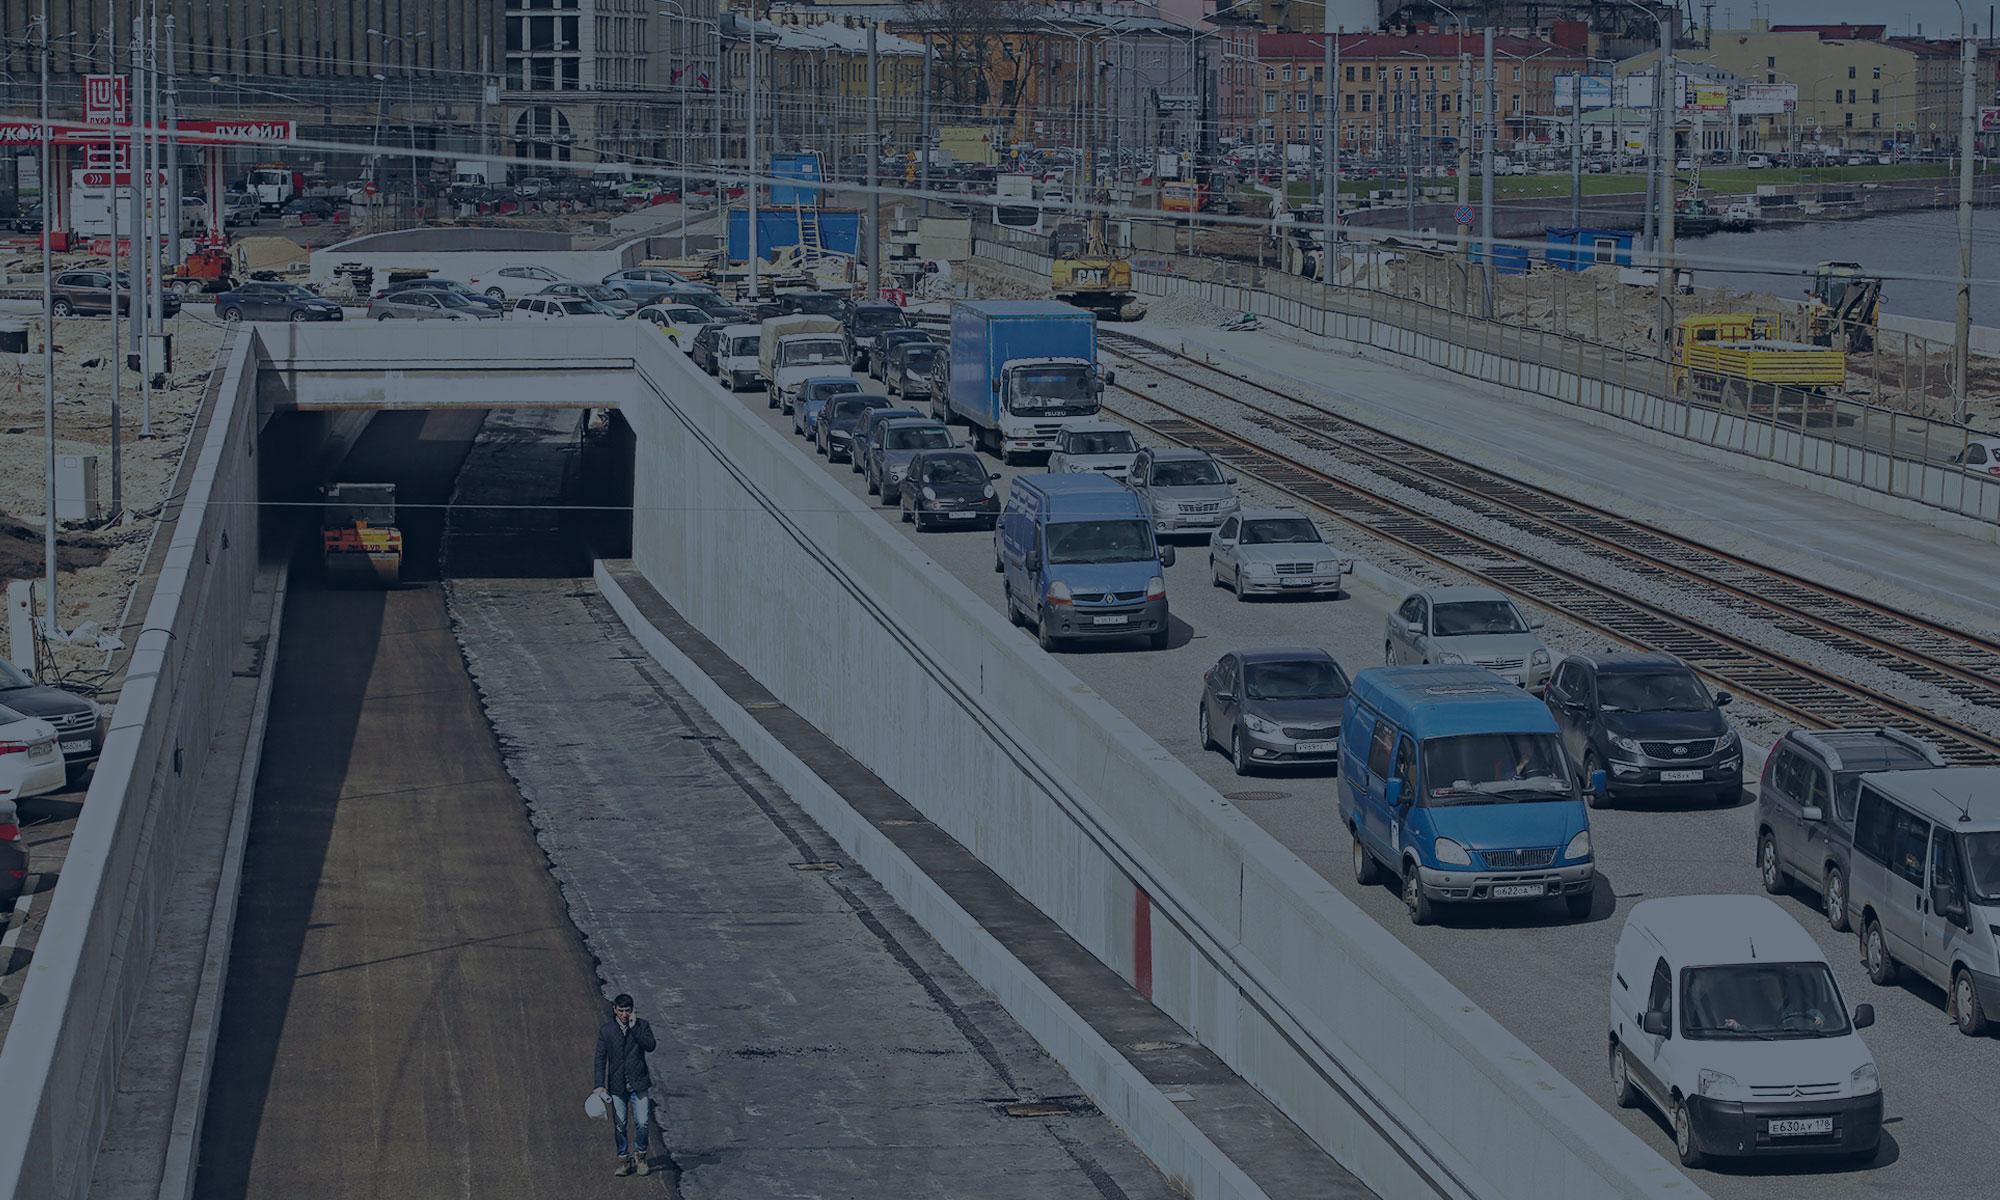 Вице-губернатор Санкт-Петербурга Игорь Албин посетил штаб строительства «Мостострой № 6» на Синопской набережной